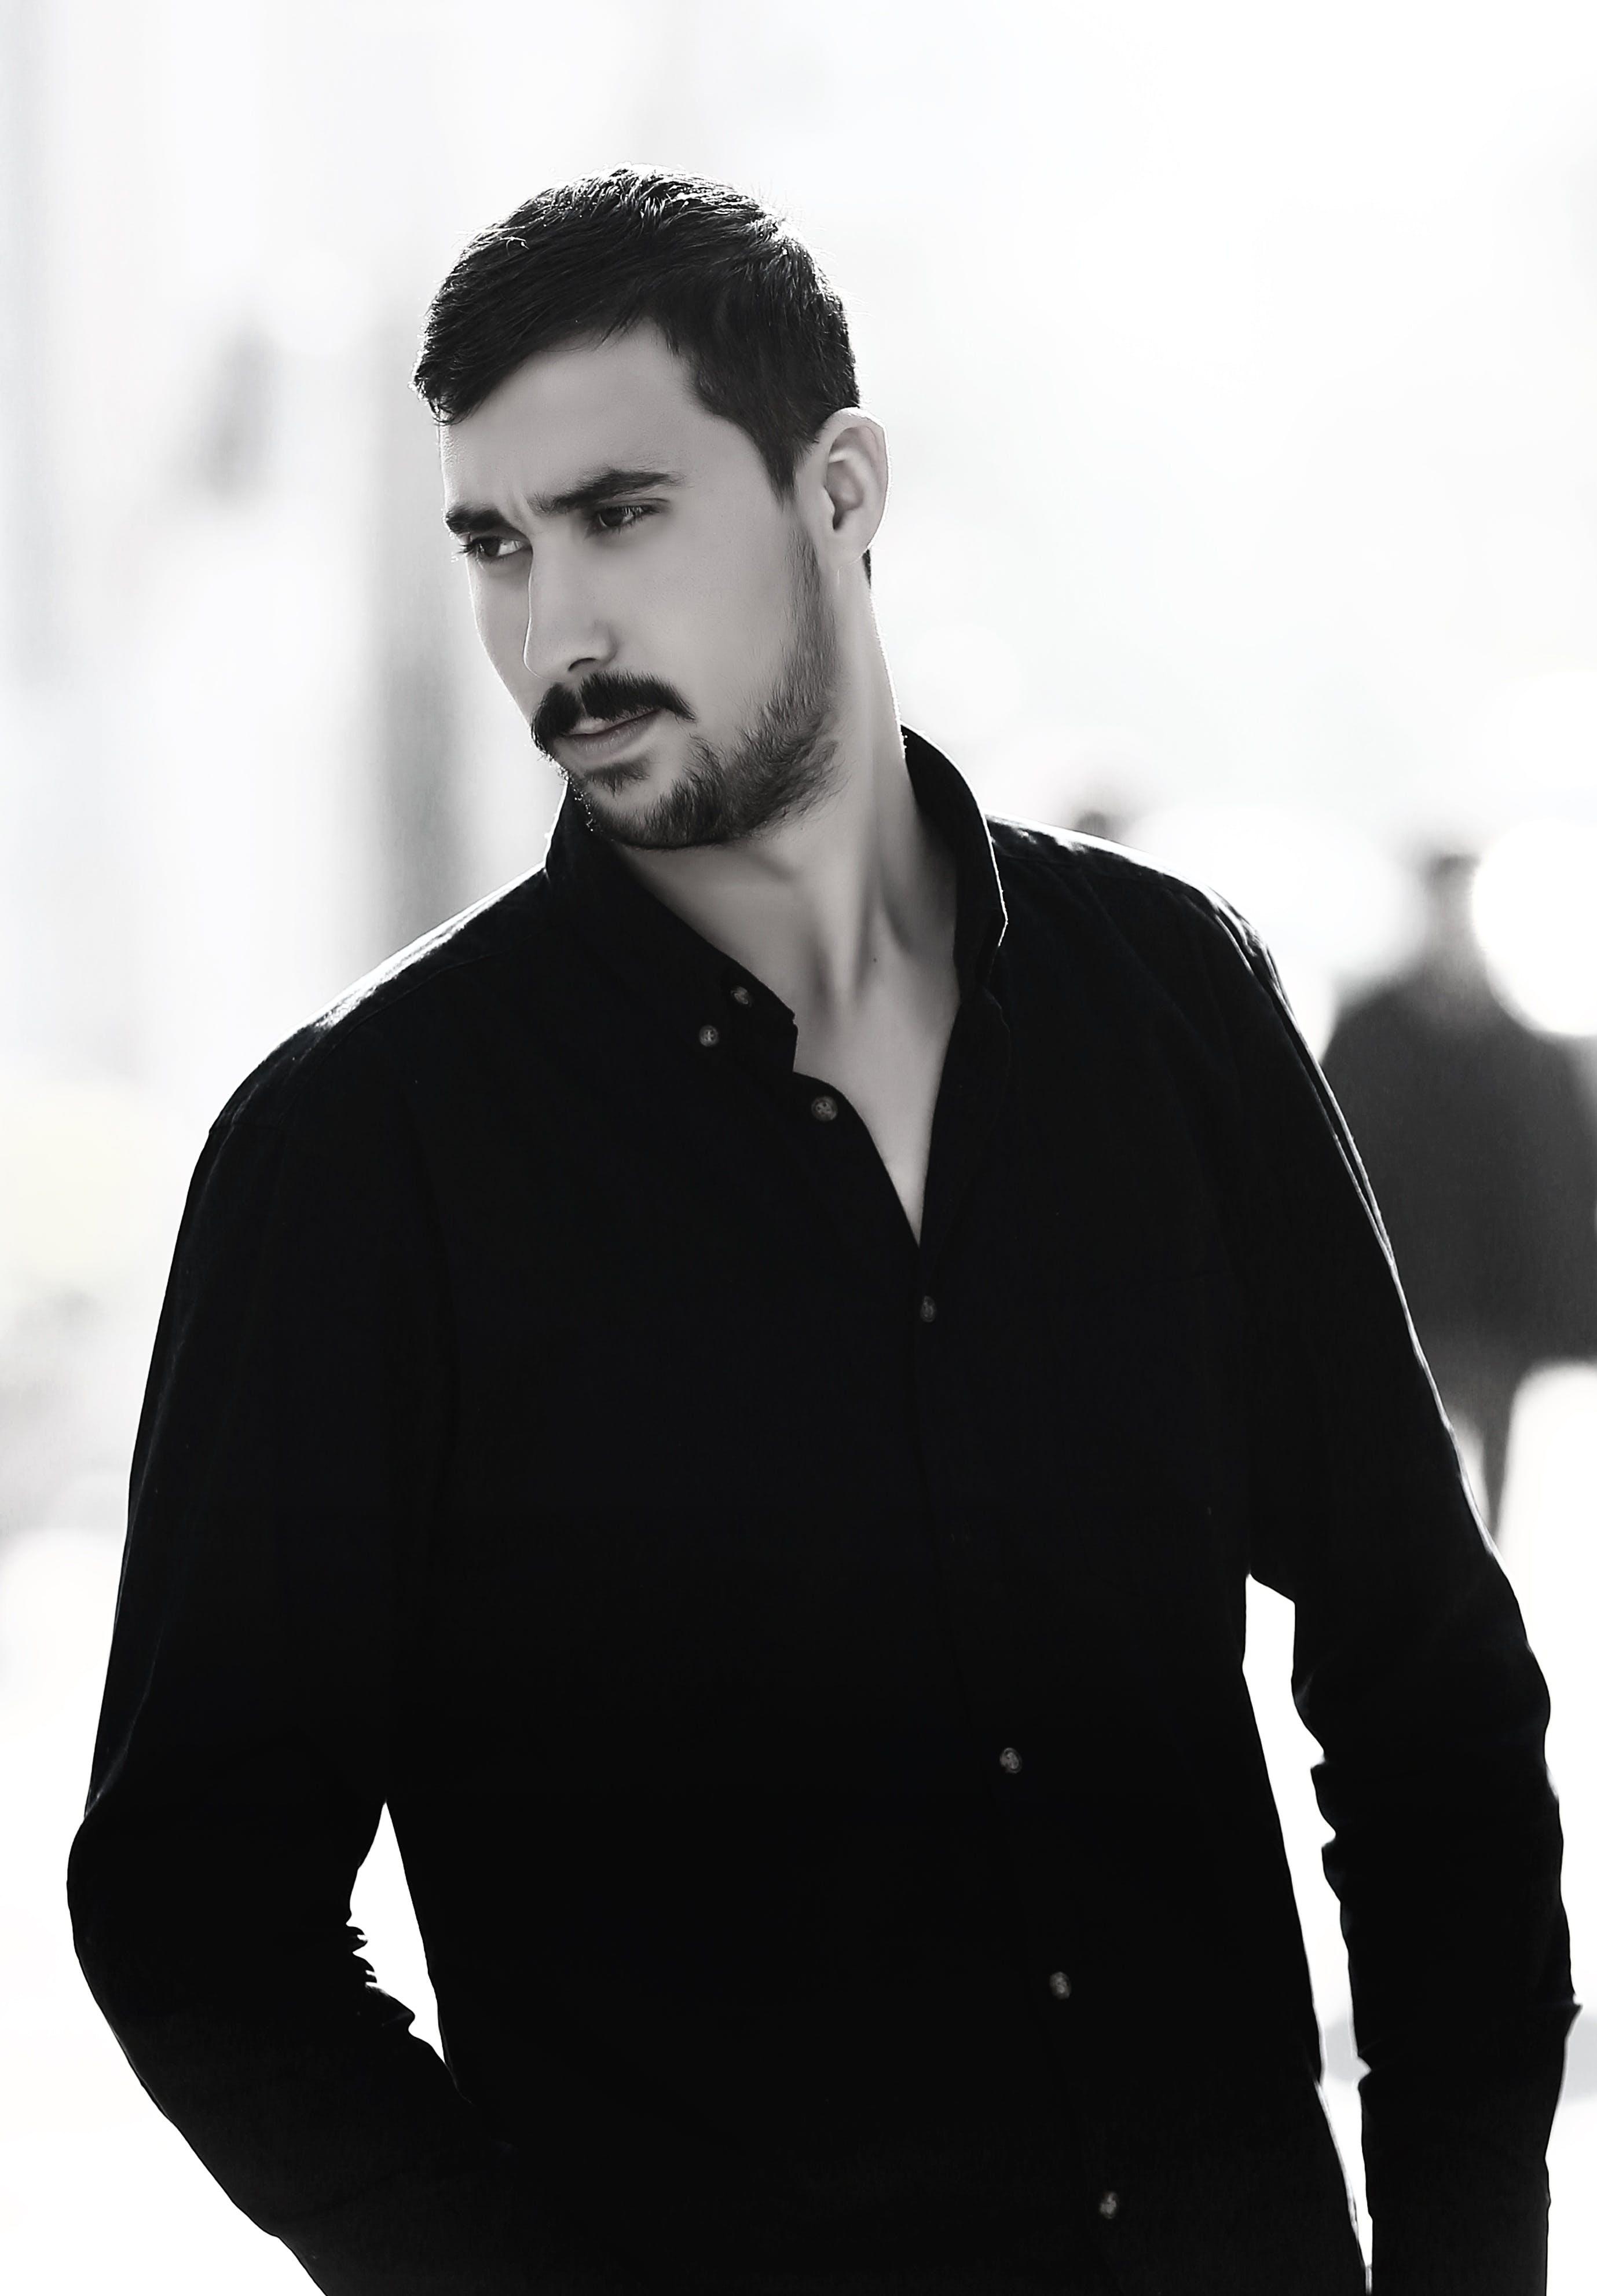 beard, black shirt, contact